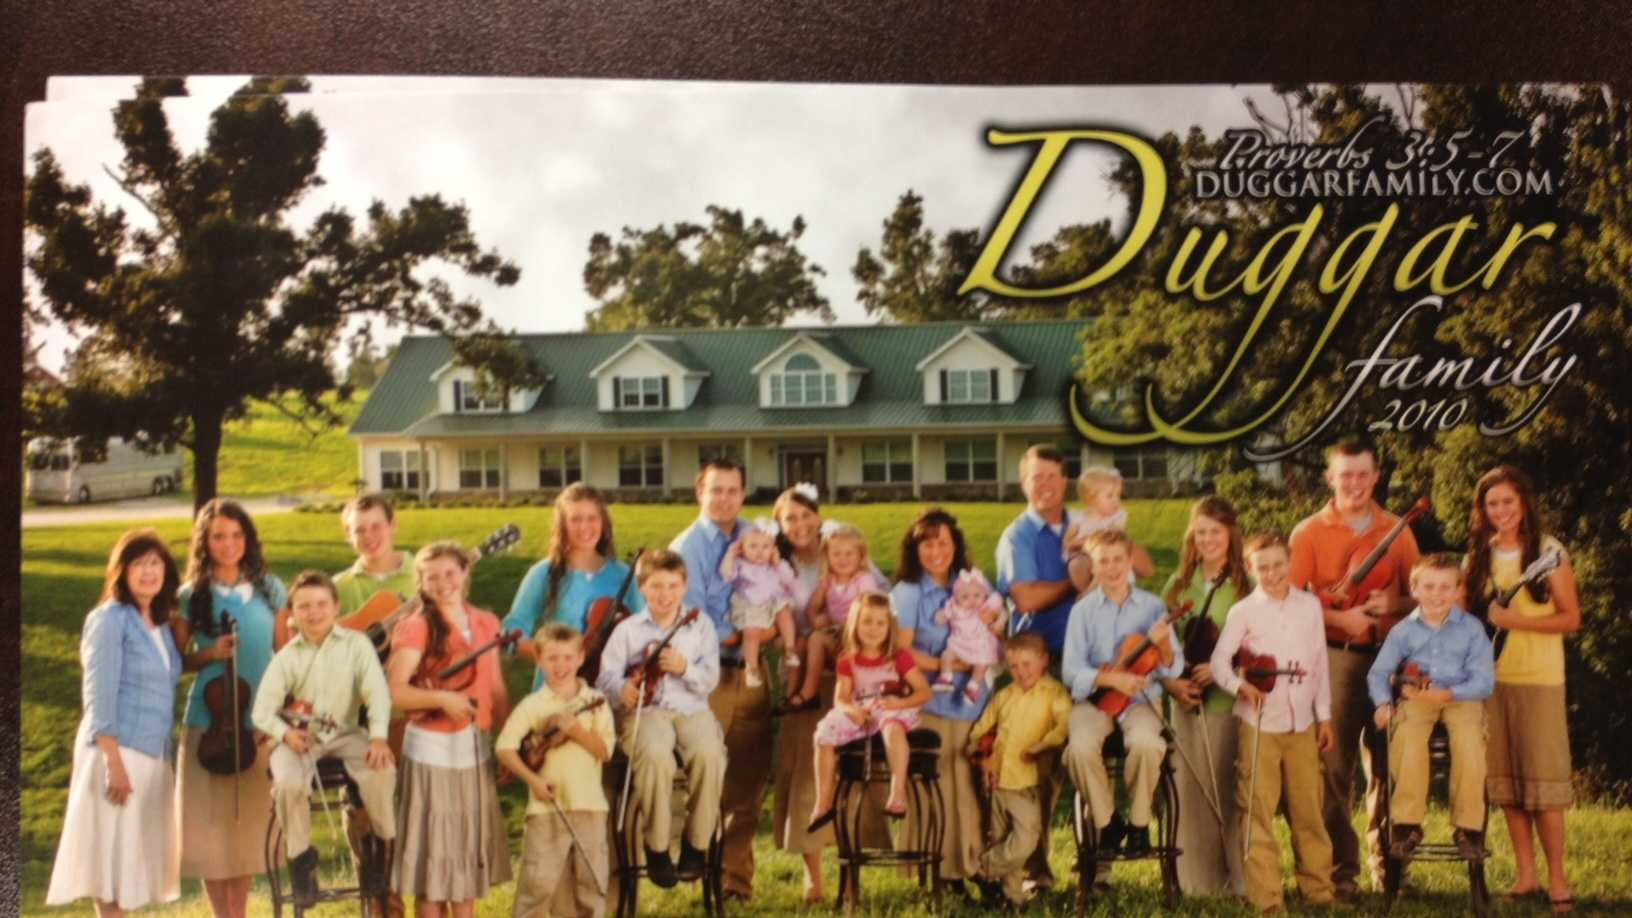 The Duggar's Family Photo